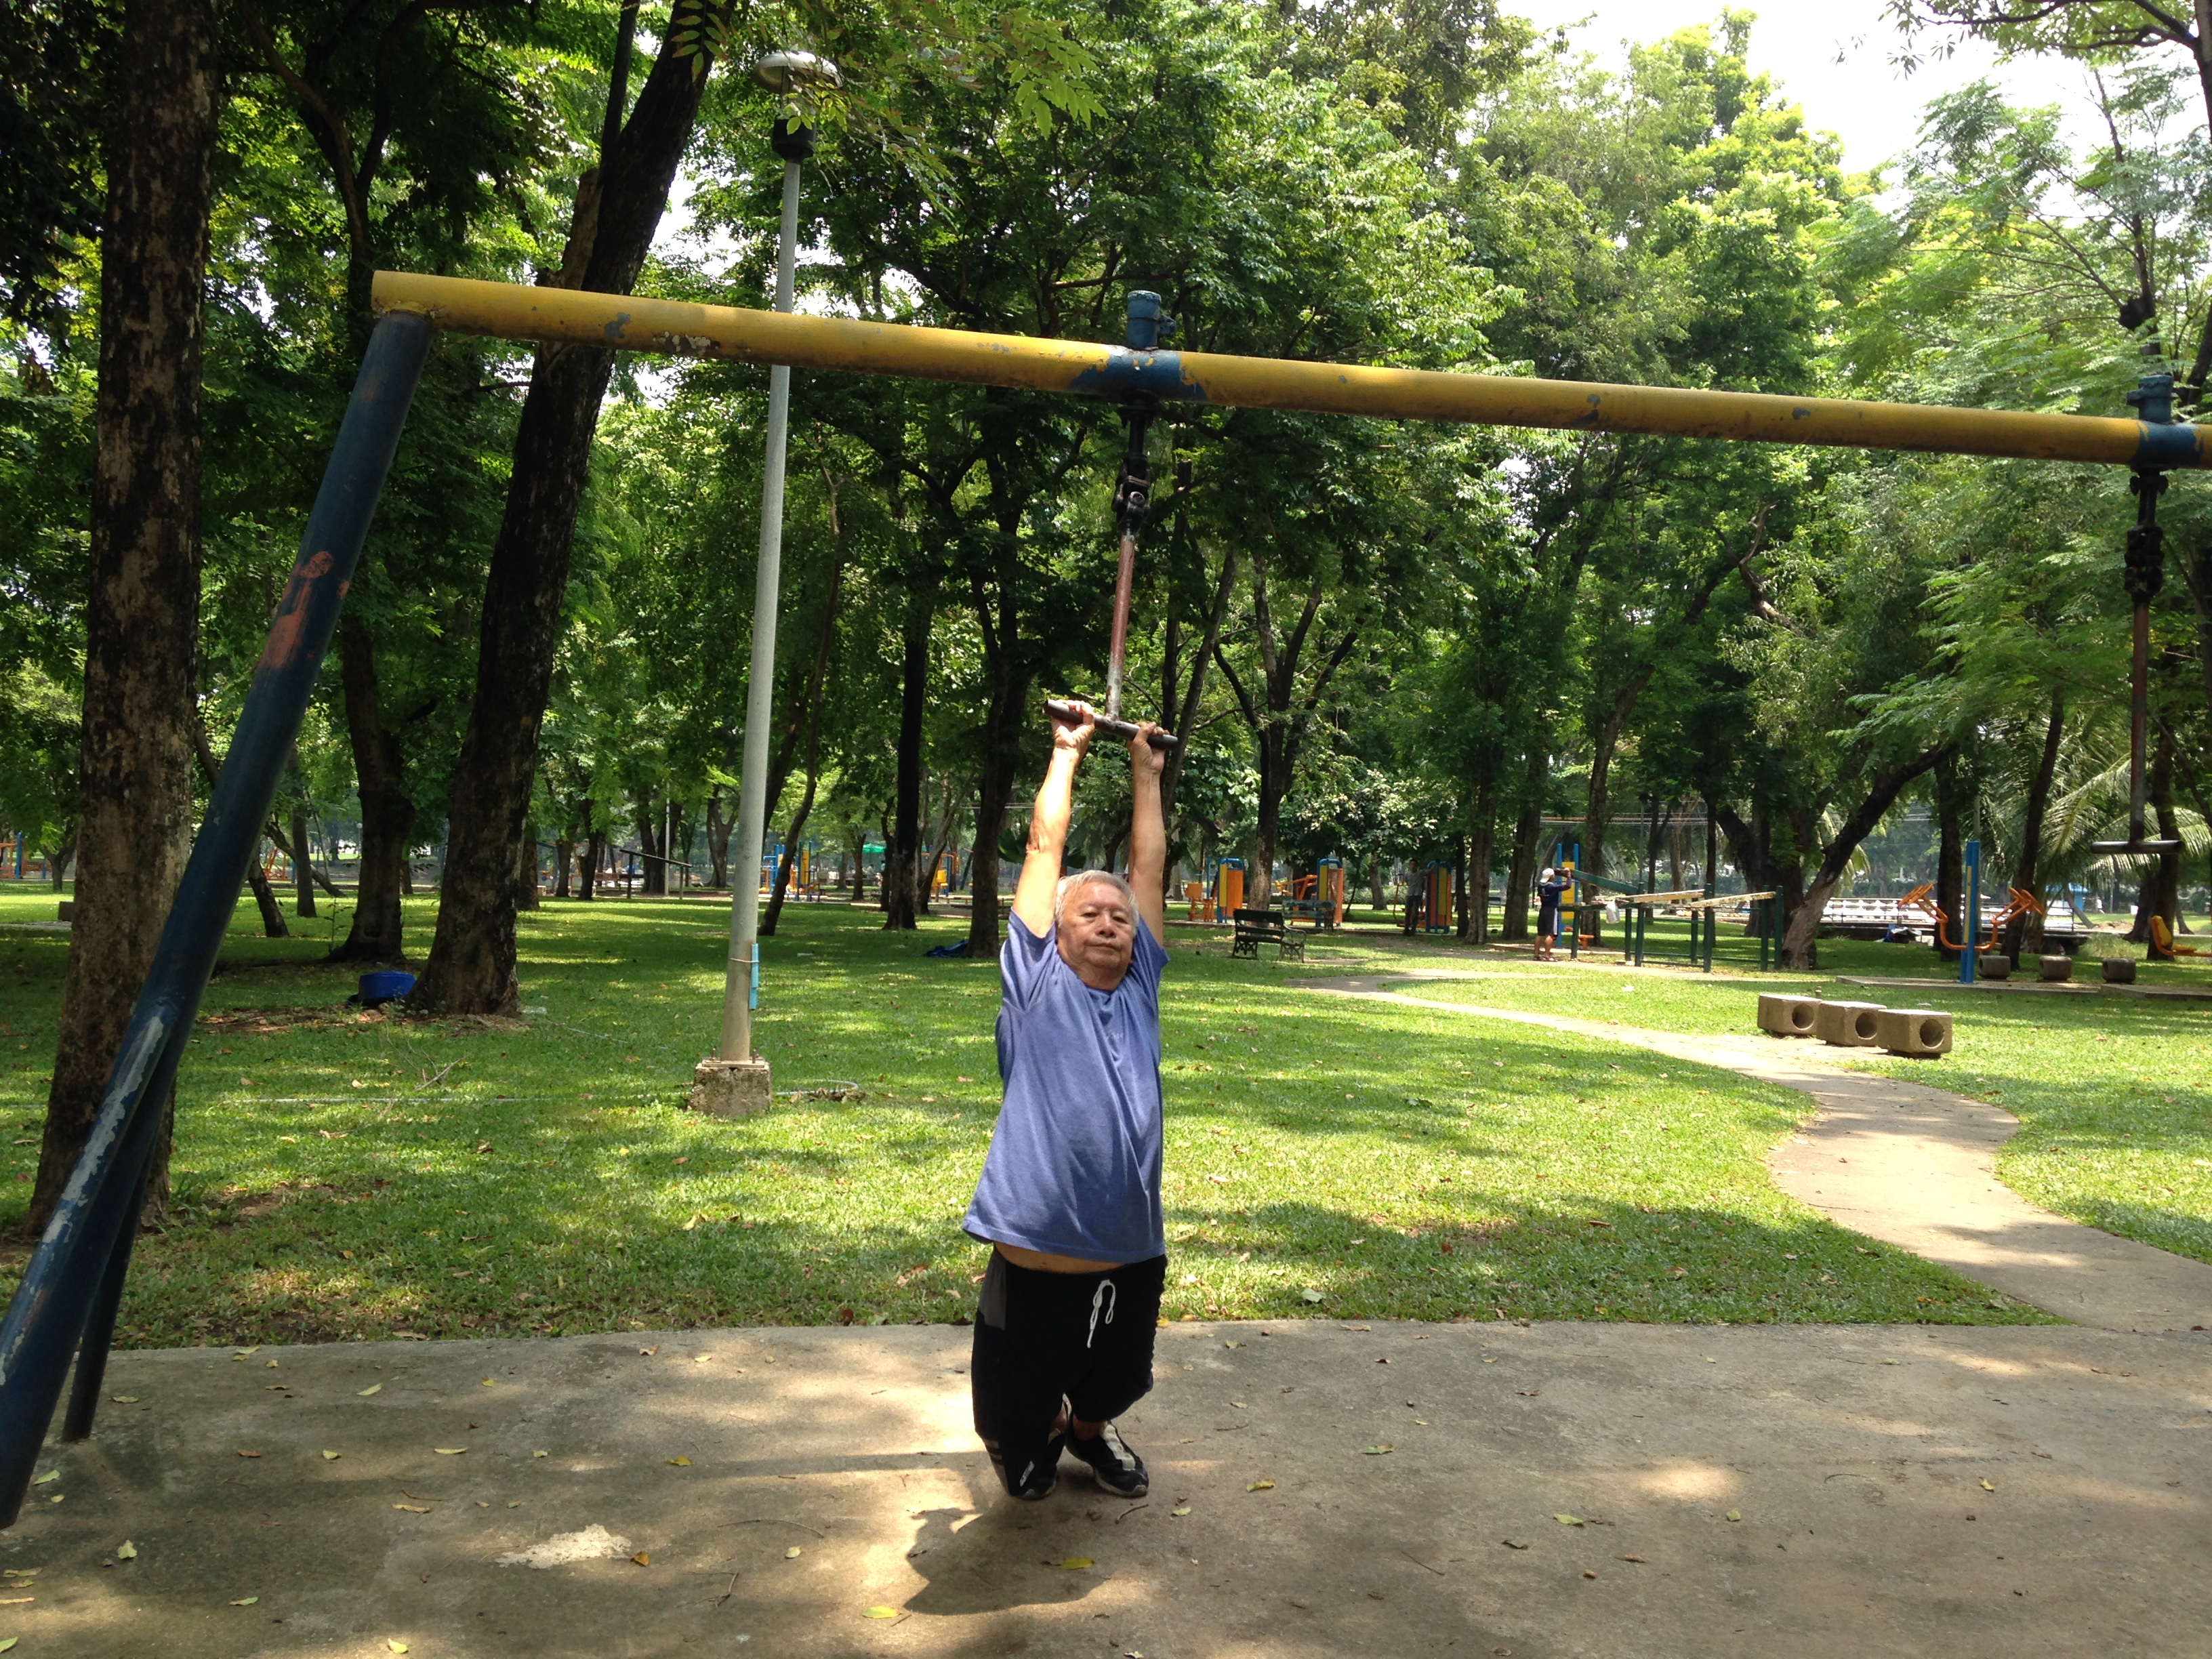 Percorso vita, Lumpini Park @oltreilbalcone